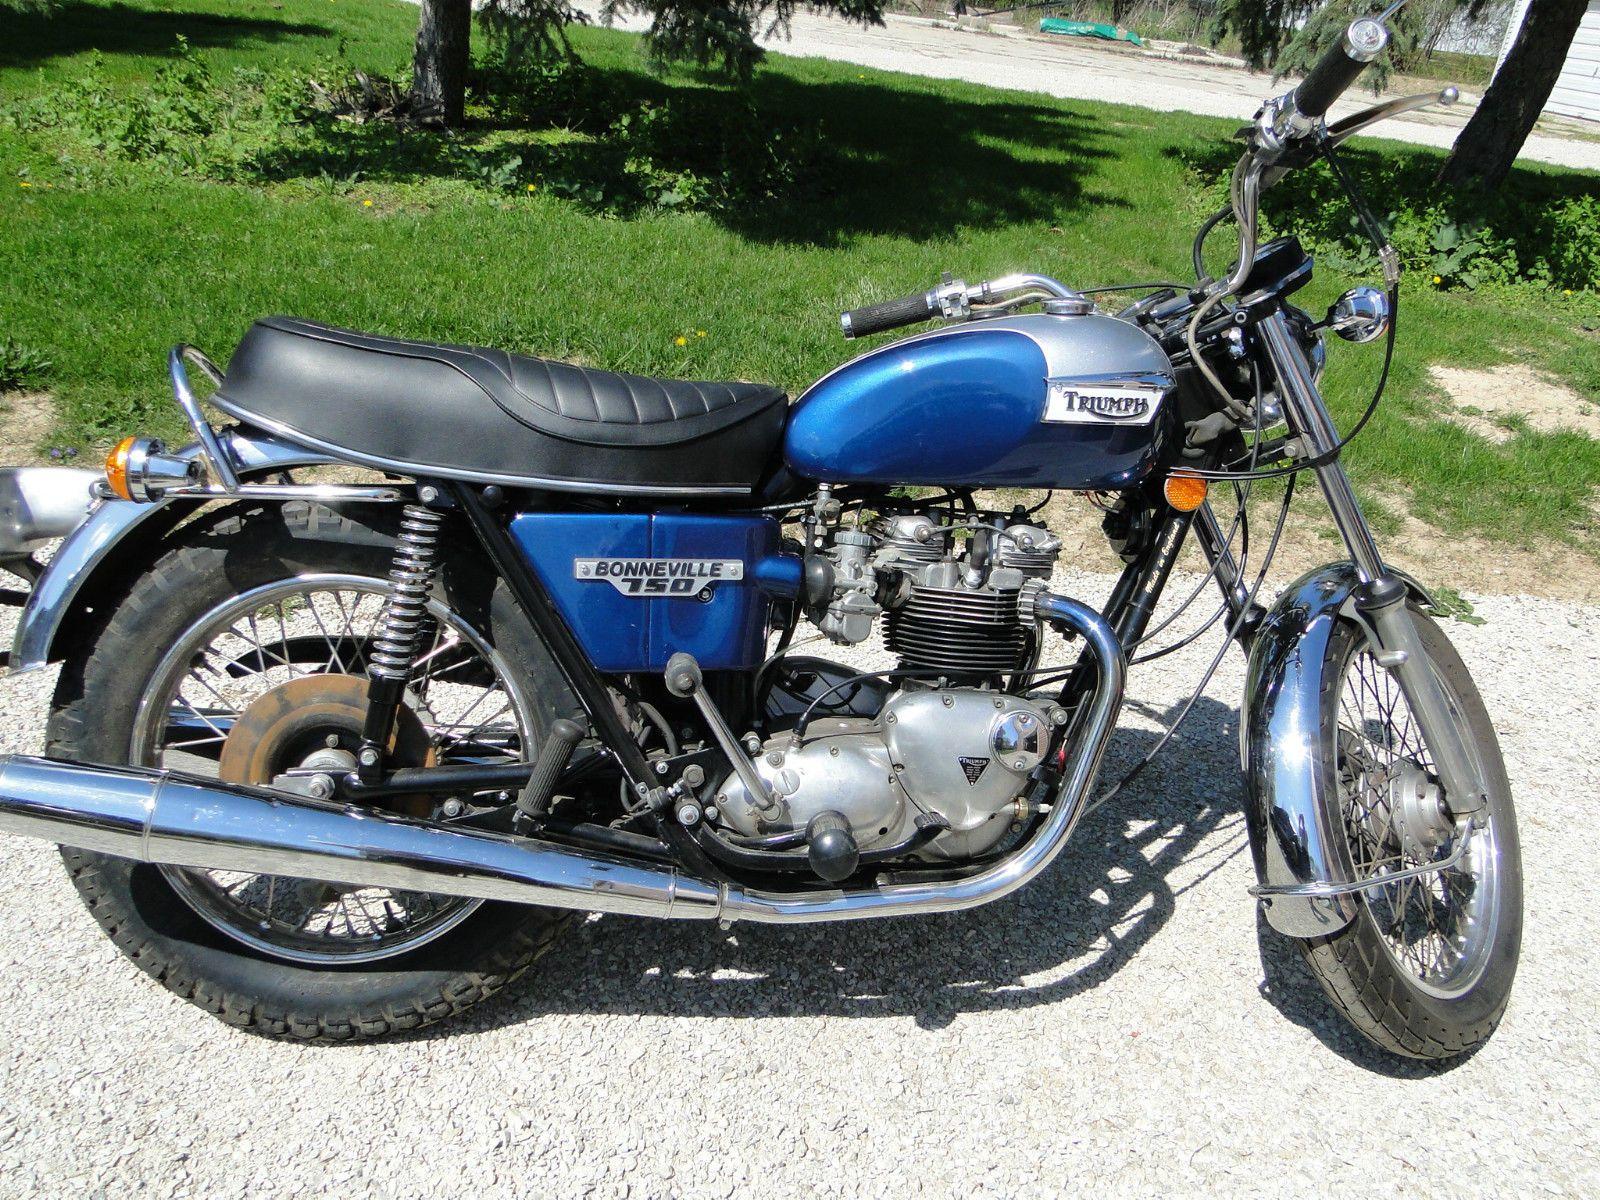 1976 Triumph Bonneville For Sale Triumph Bonneville Triumph Motorcycles Bonneville [ 1200 x 1600 Pixel ]